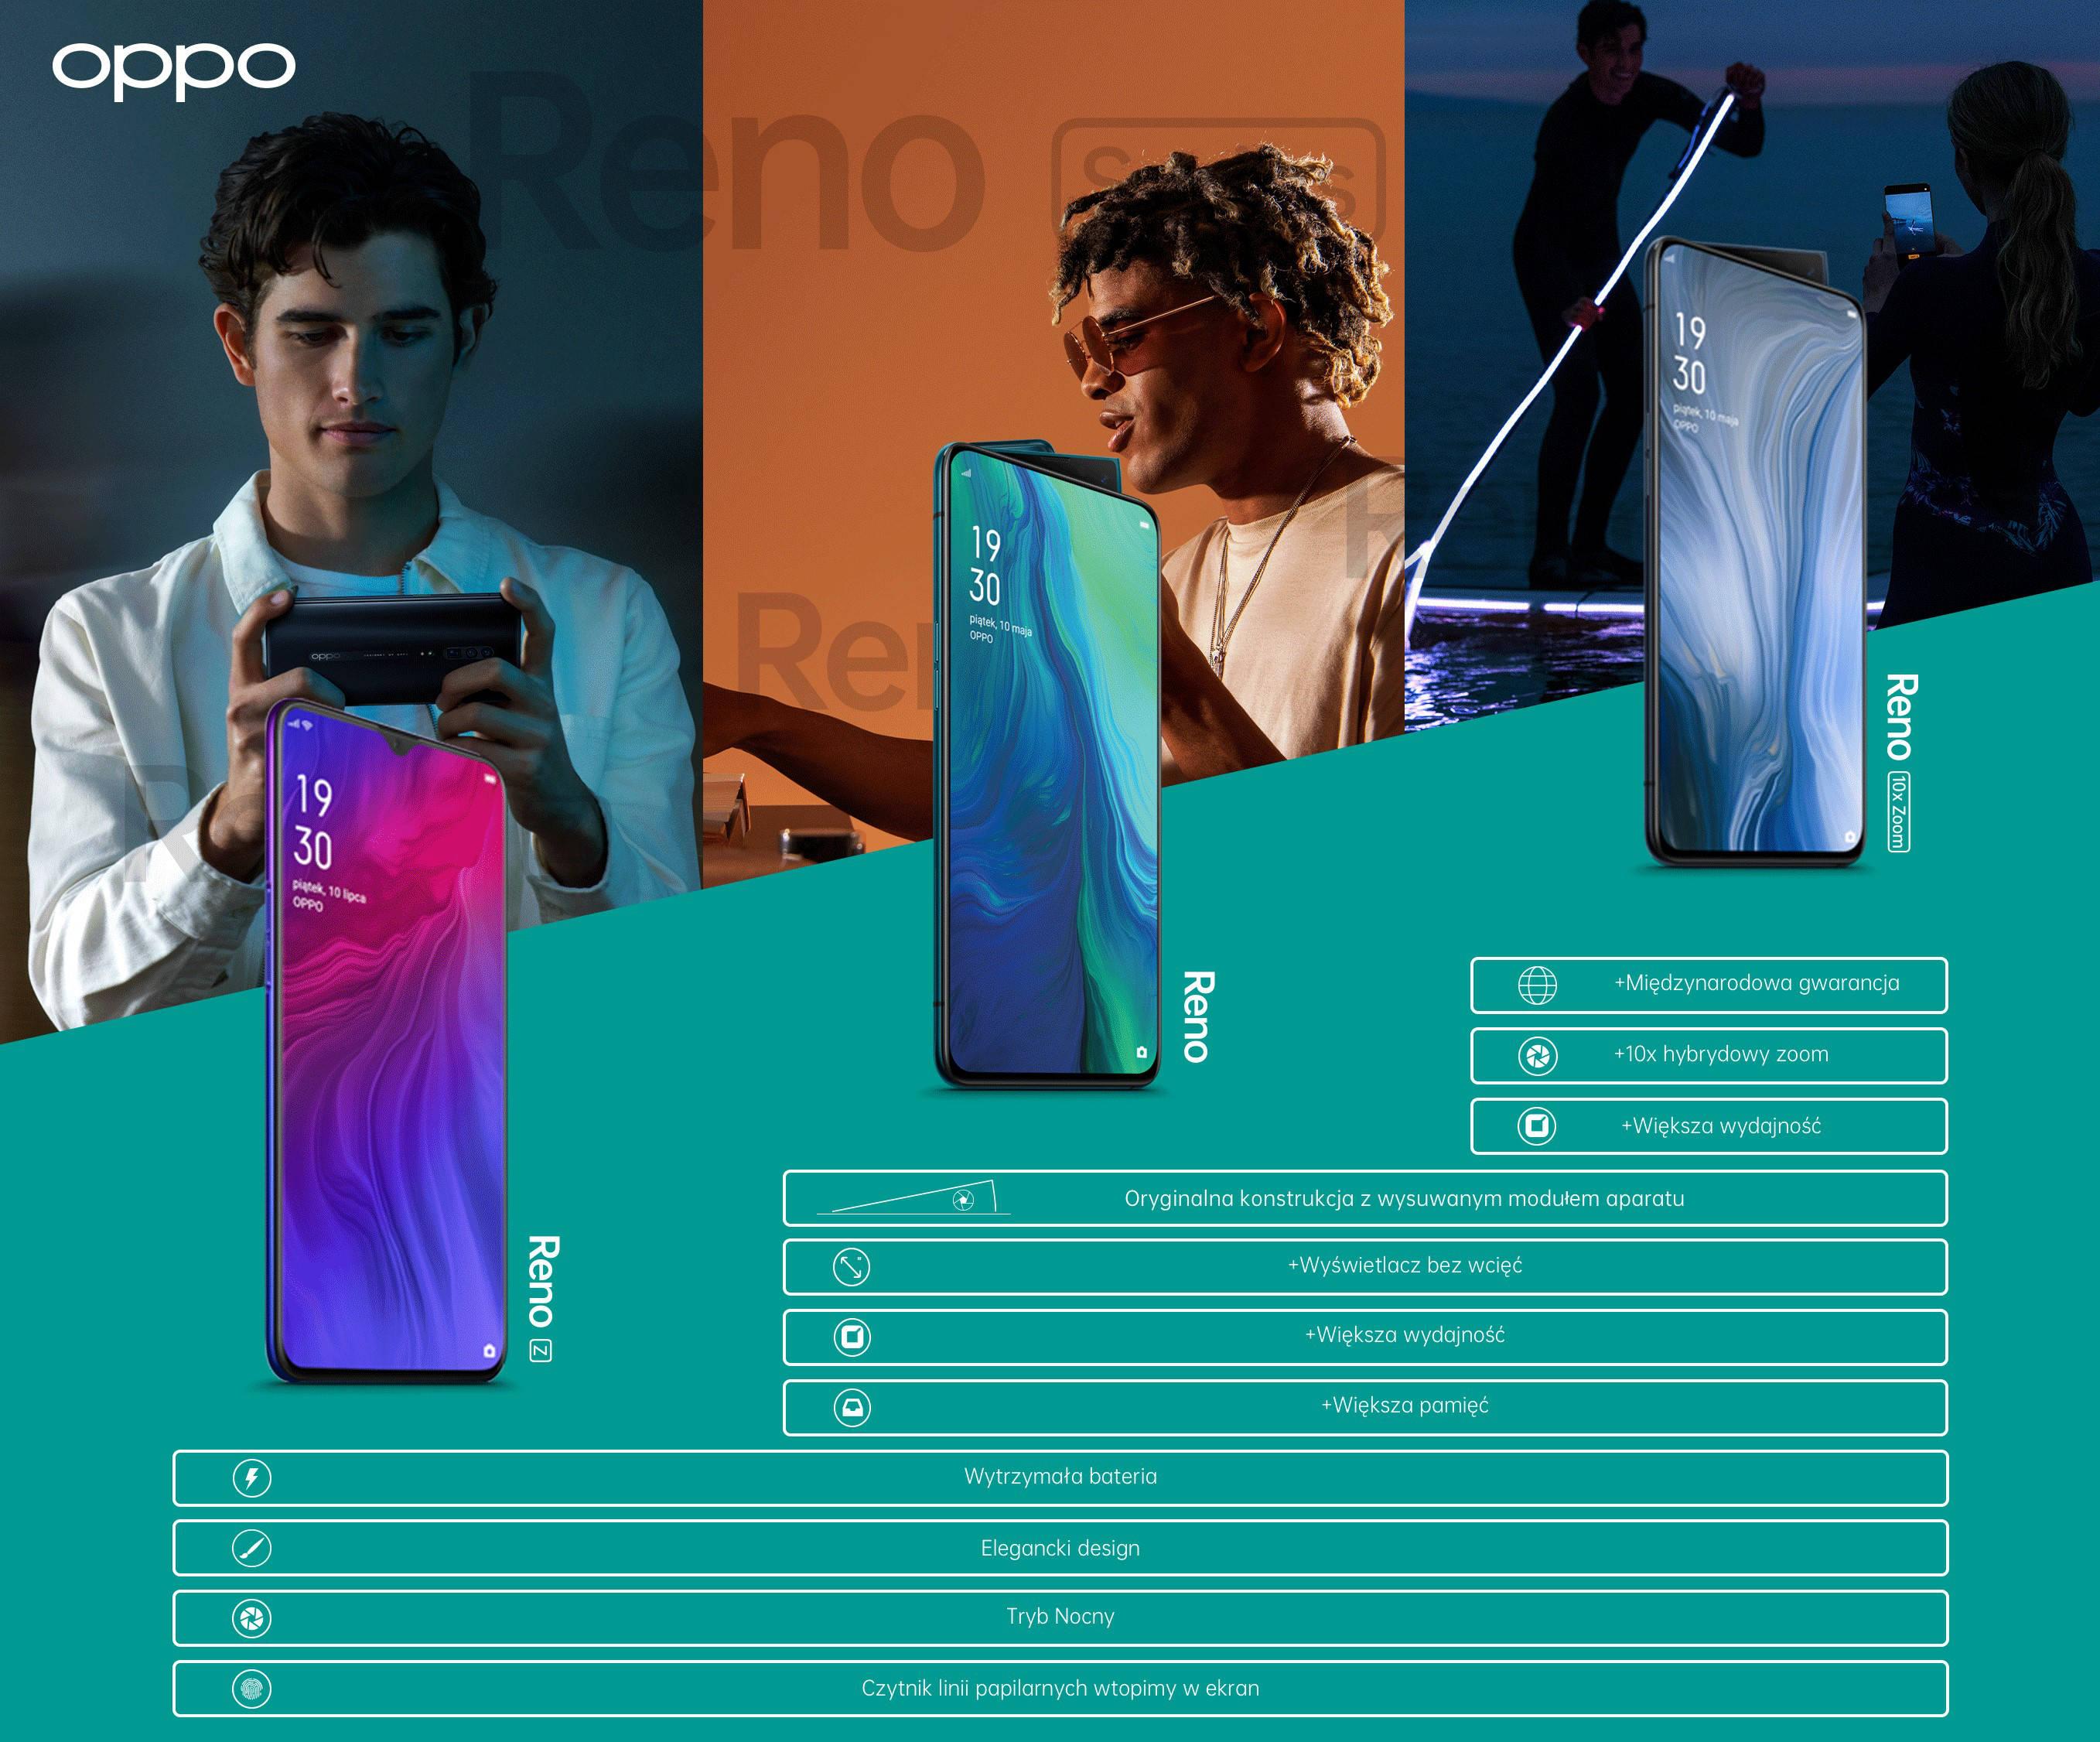 Oppo Reno Z cena w Polsce Xiaomi Mi 9T opinie specyfikacja techniczna porównanie